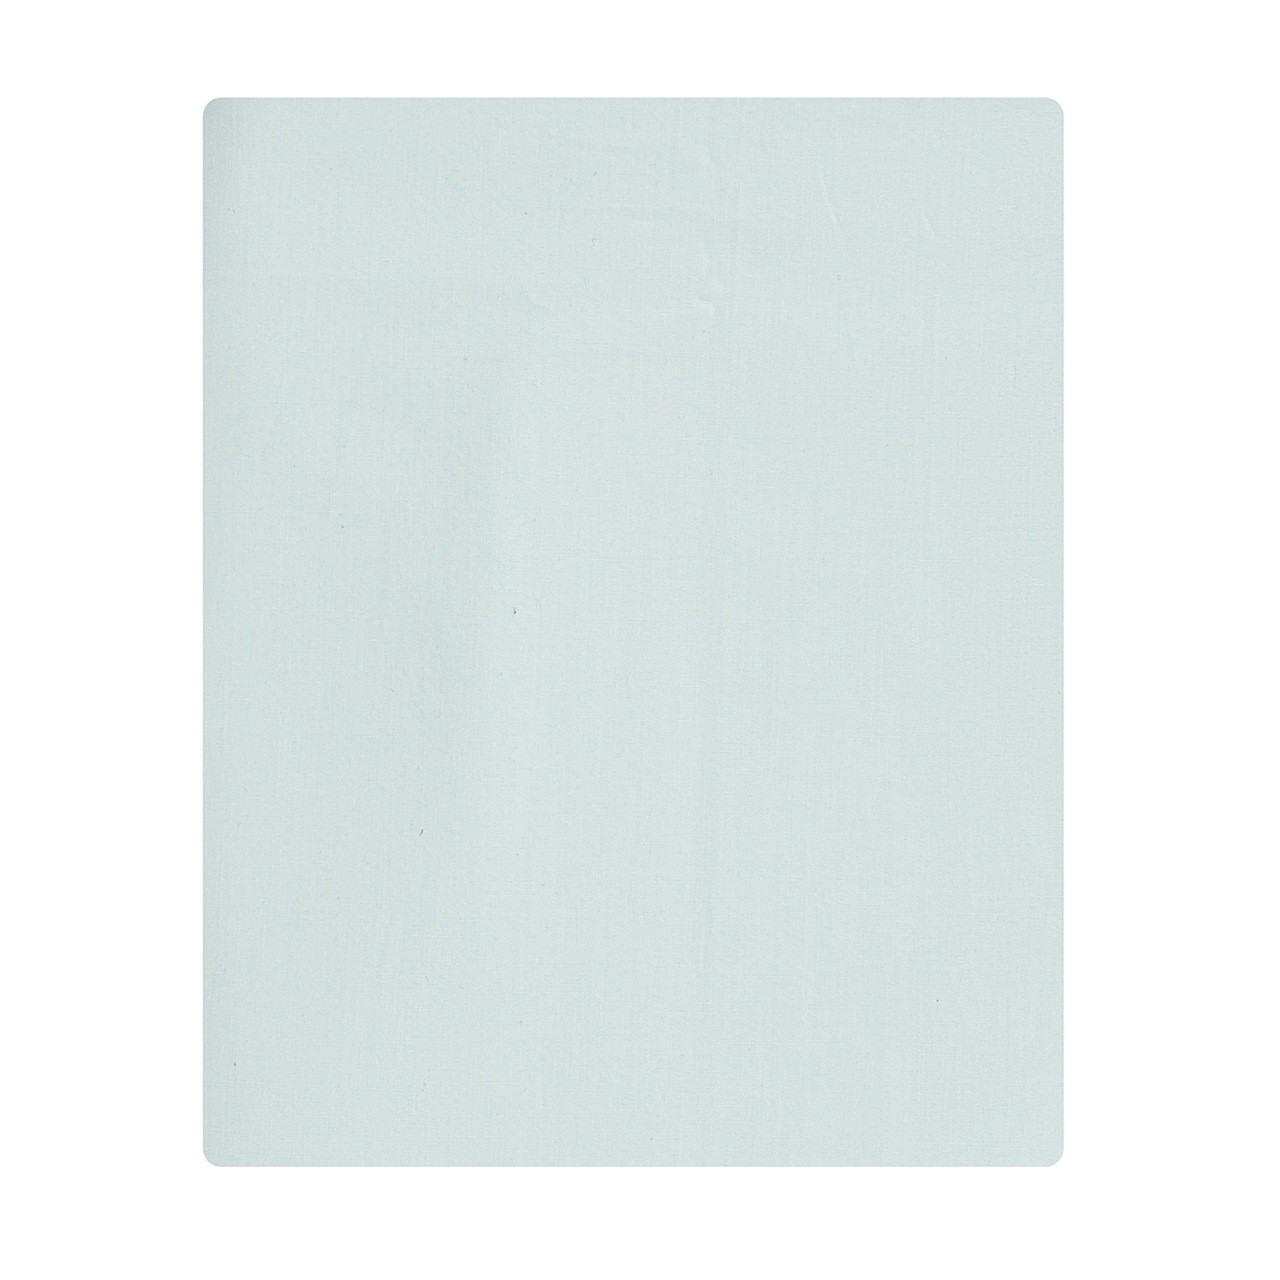 Lençol de cobrir mini cama 100% algodão, 120 x 180cm cor verde água